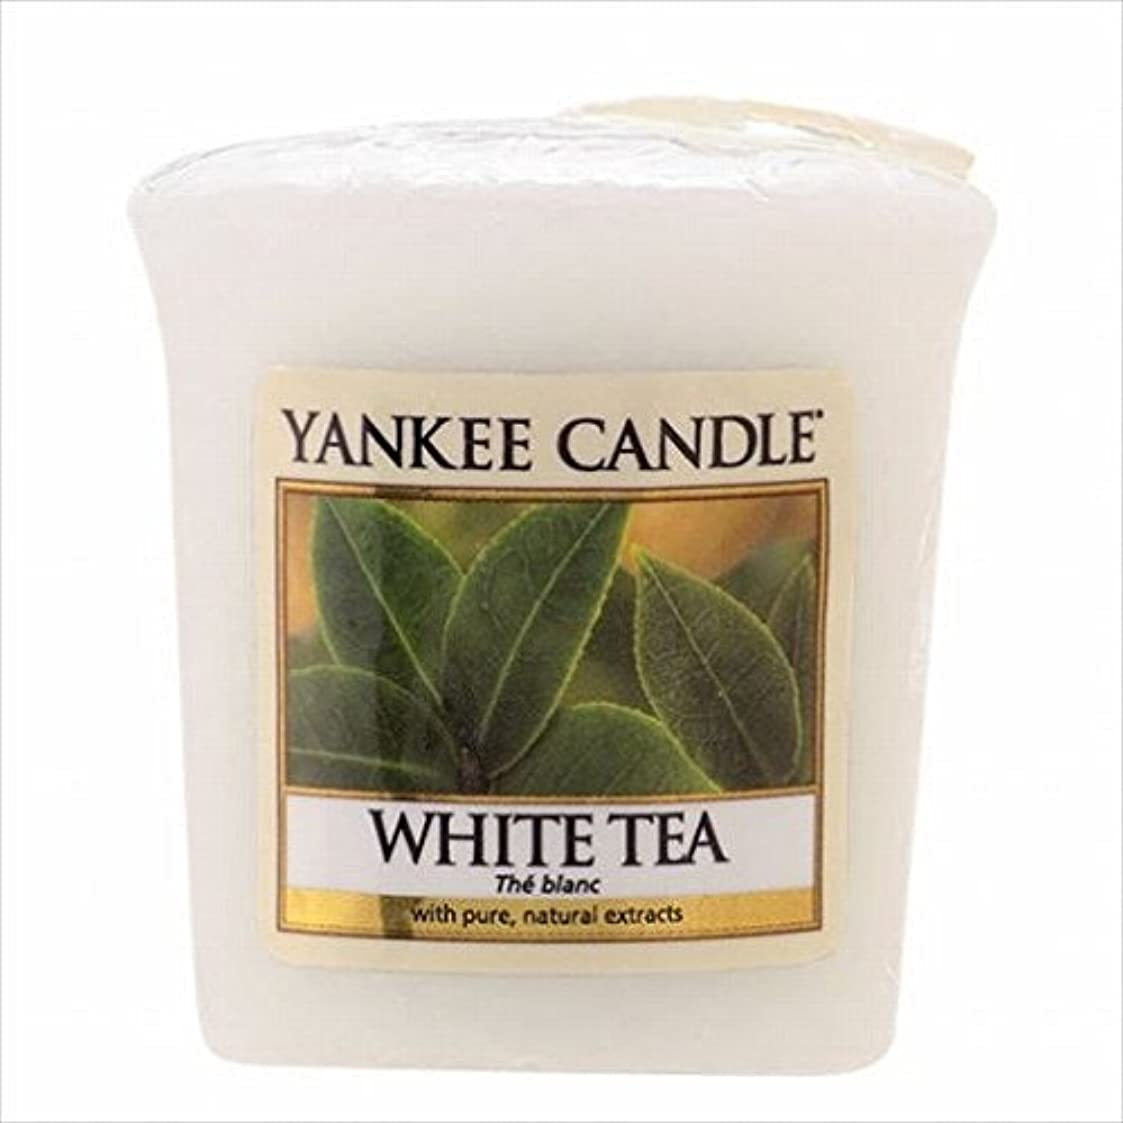 見込み日焼けそこYANKEE CANDLE(ヤンキーキャンドル) YANKEE CANDLE サンプラー 「 ホワイトティー 」6個セット(K00105277)